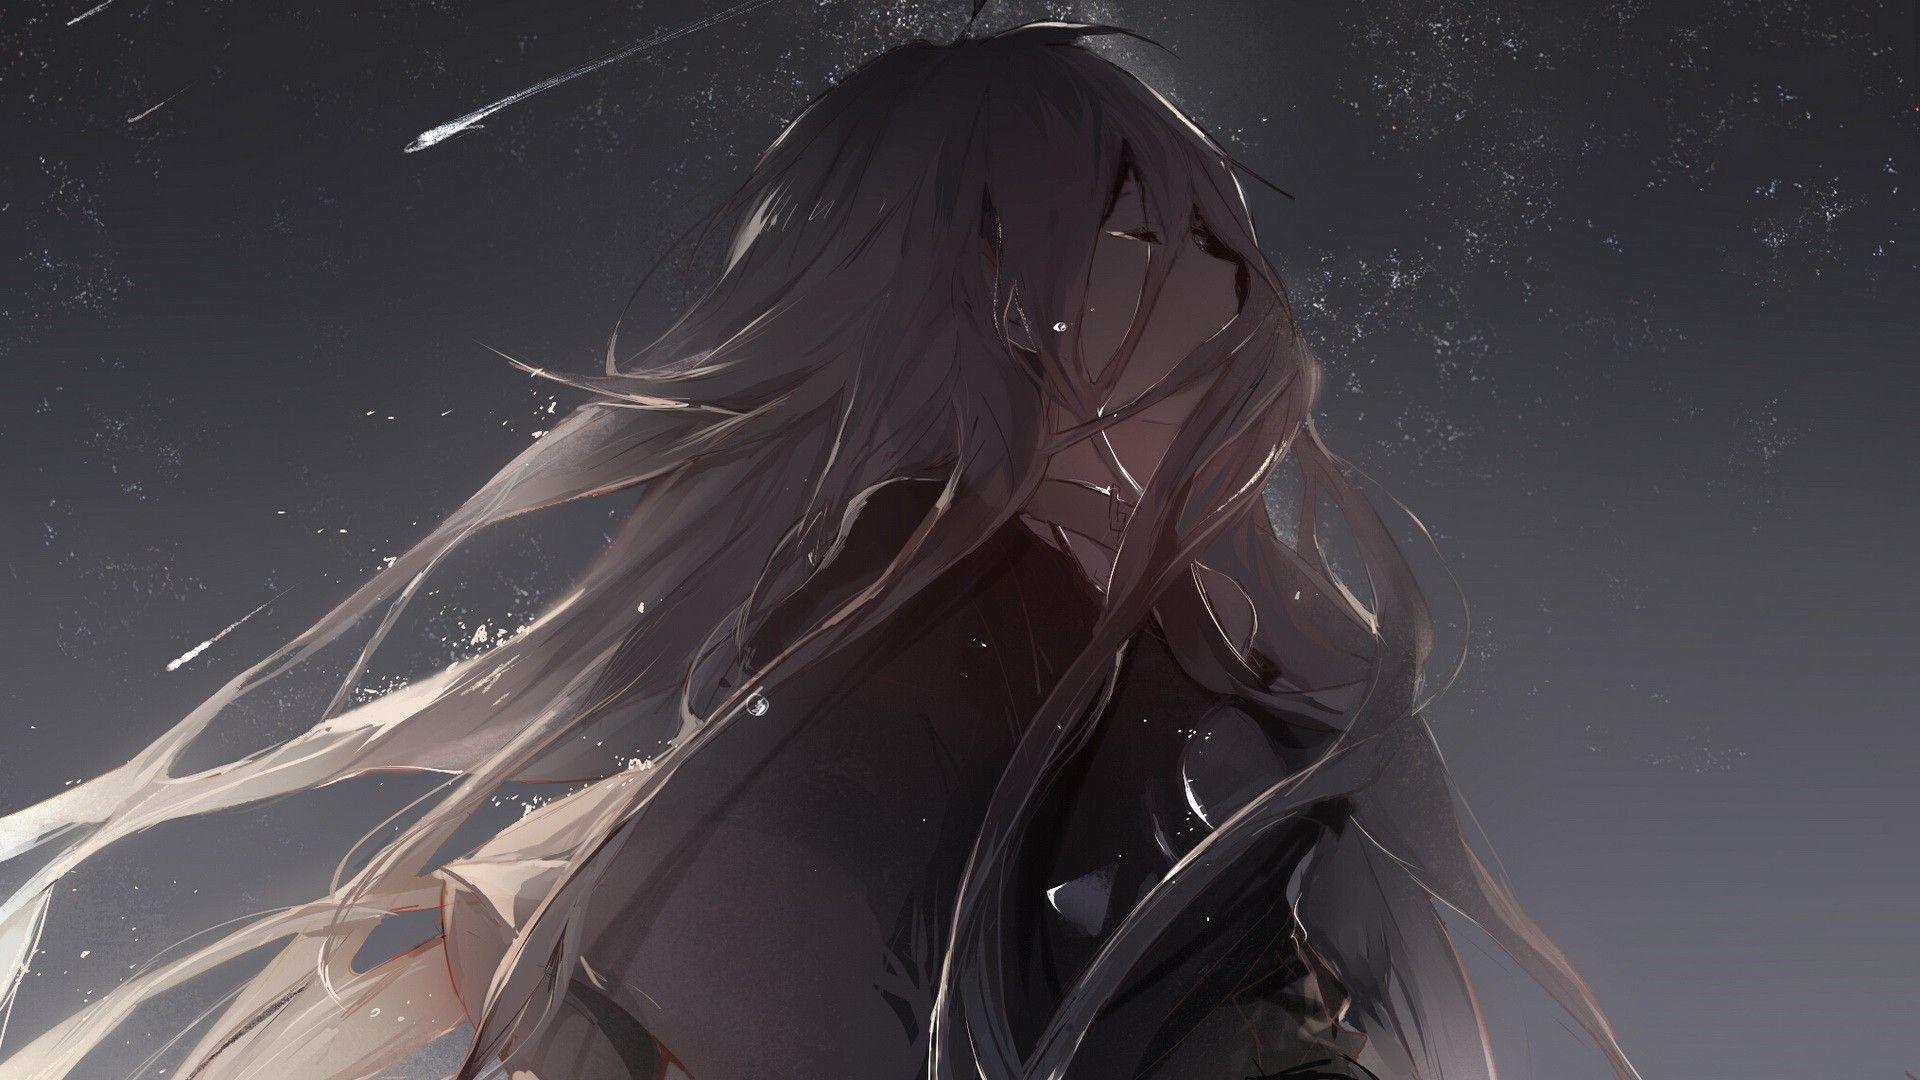 sad anime girl crying